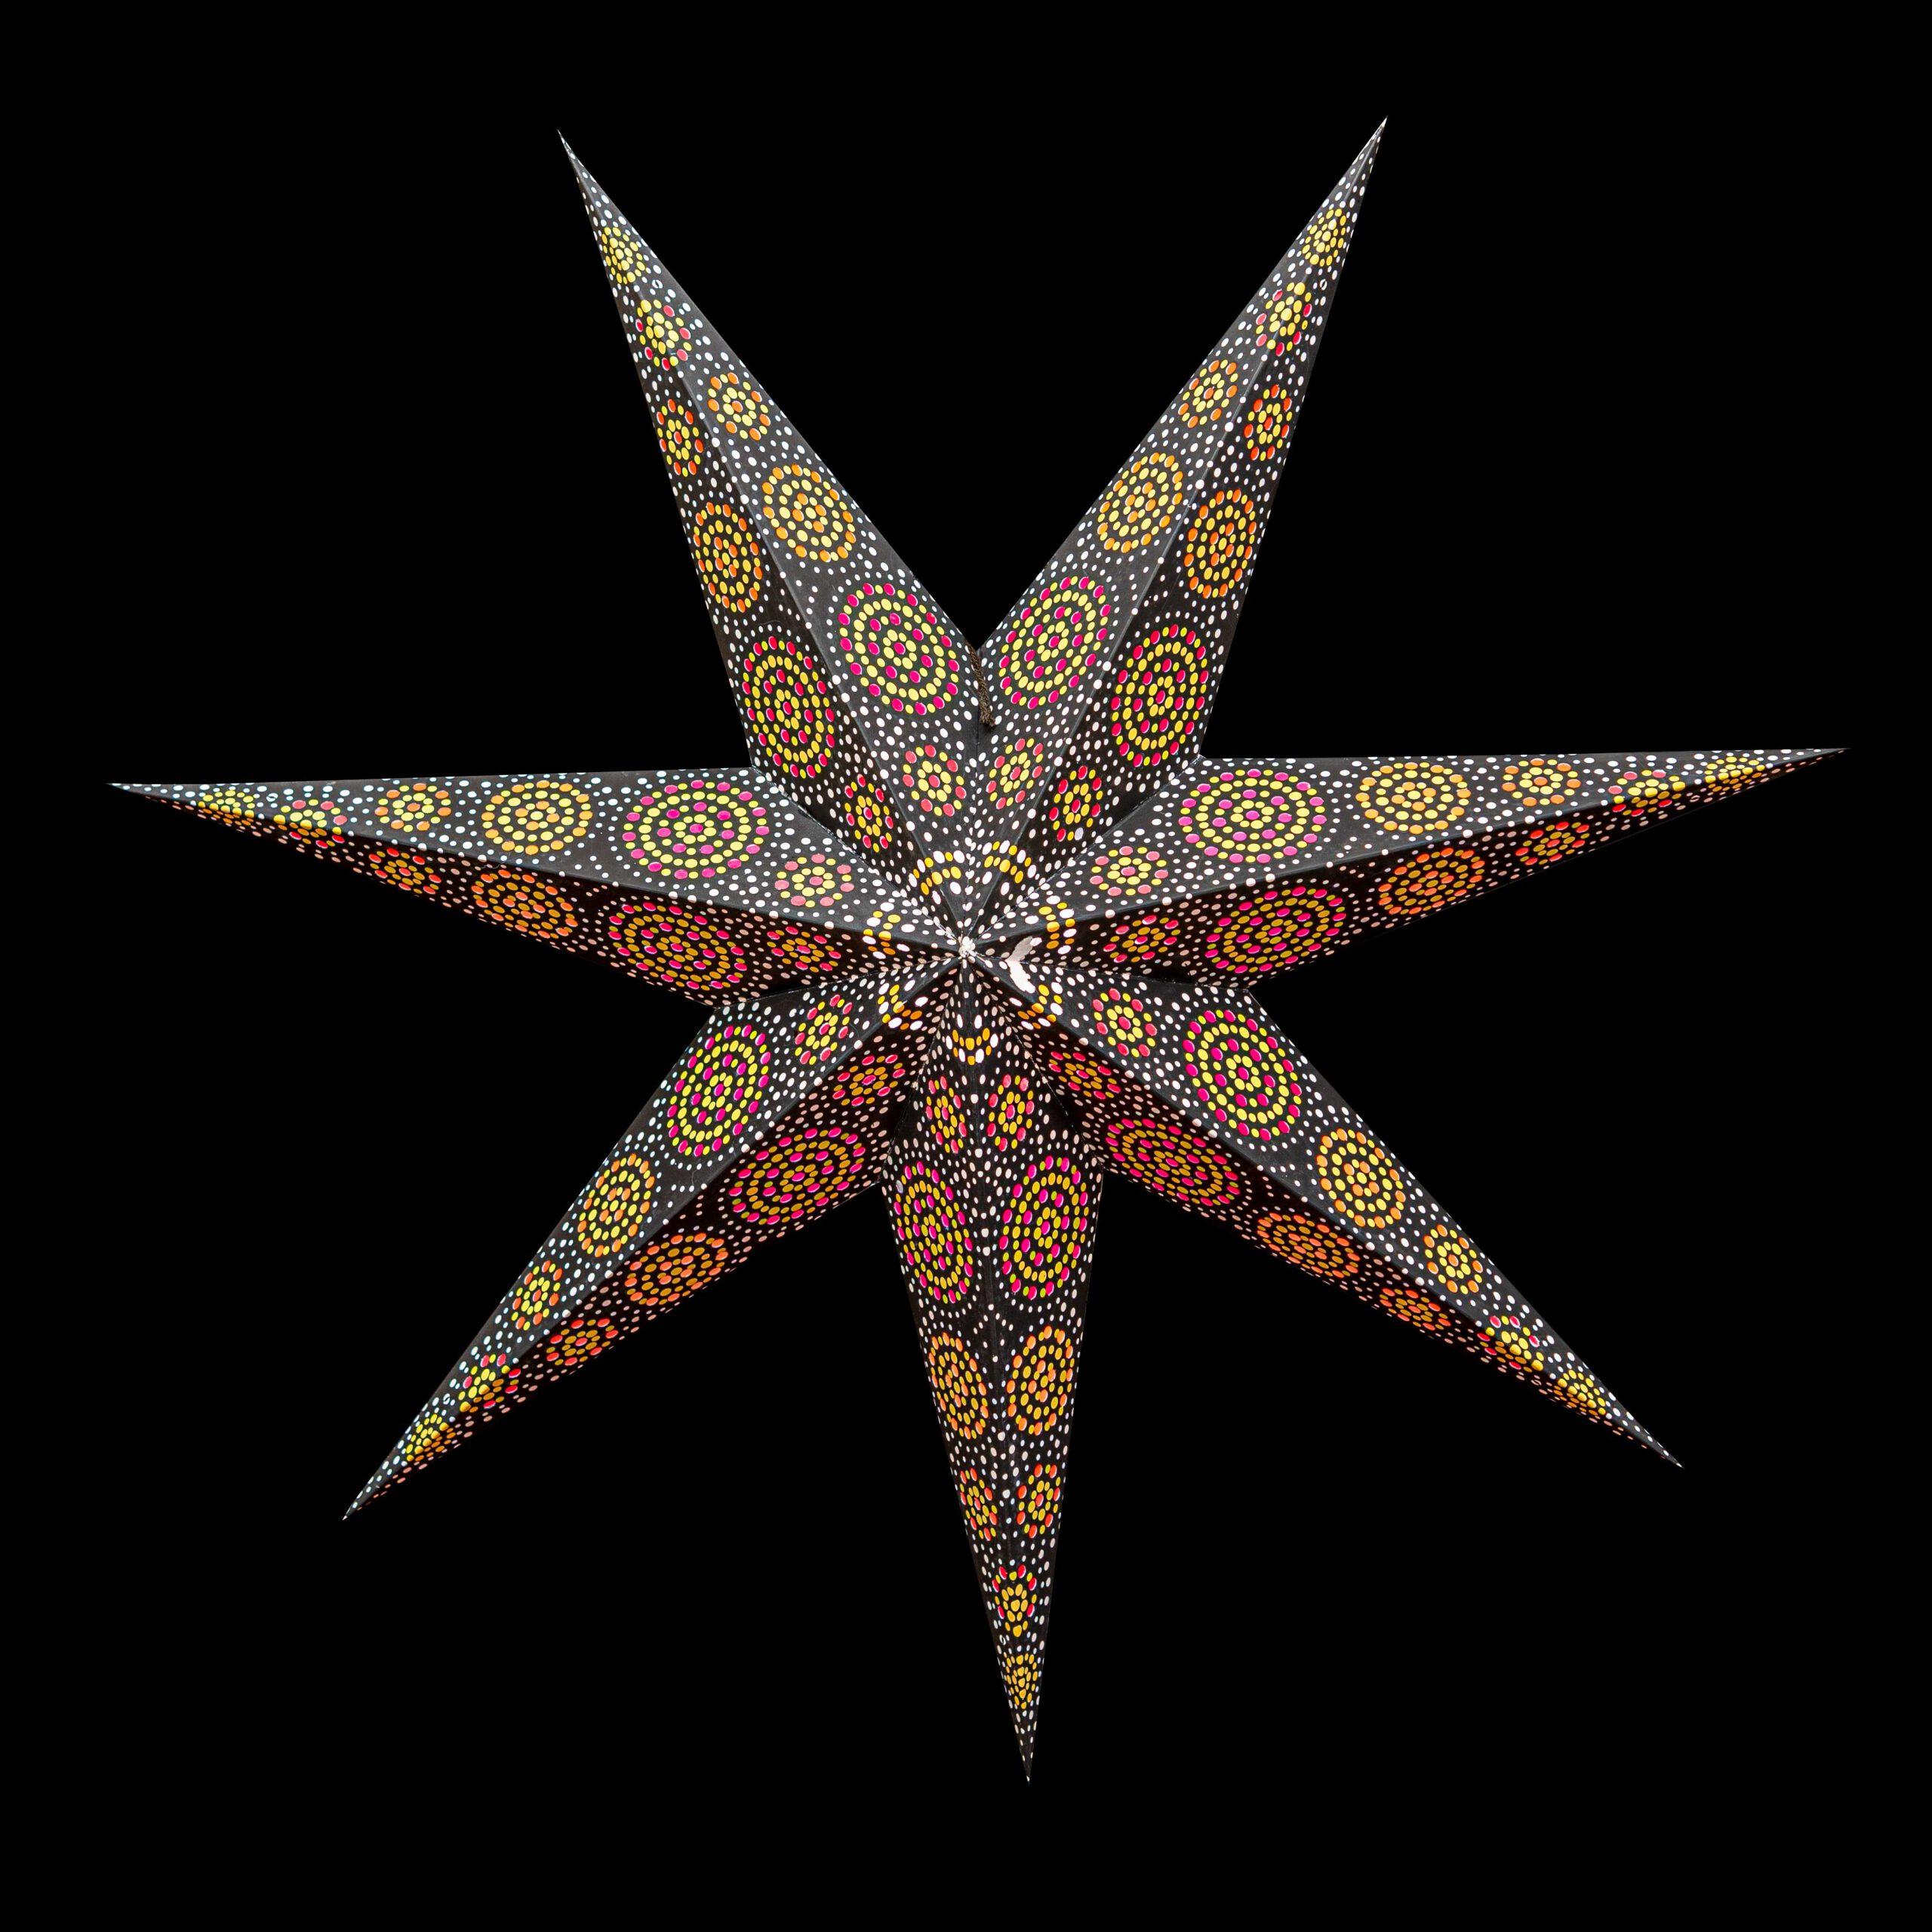 Sternenlicht Papierstern Sydney Schwarz 7 Zackig Nachts